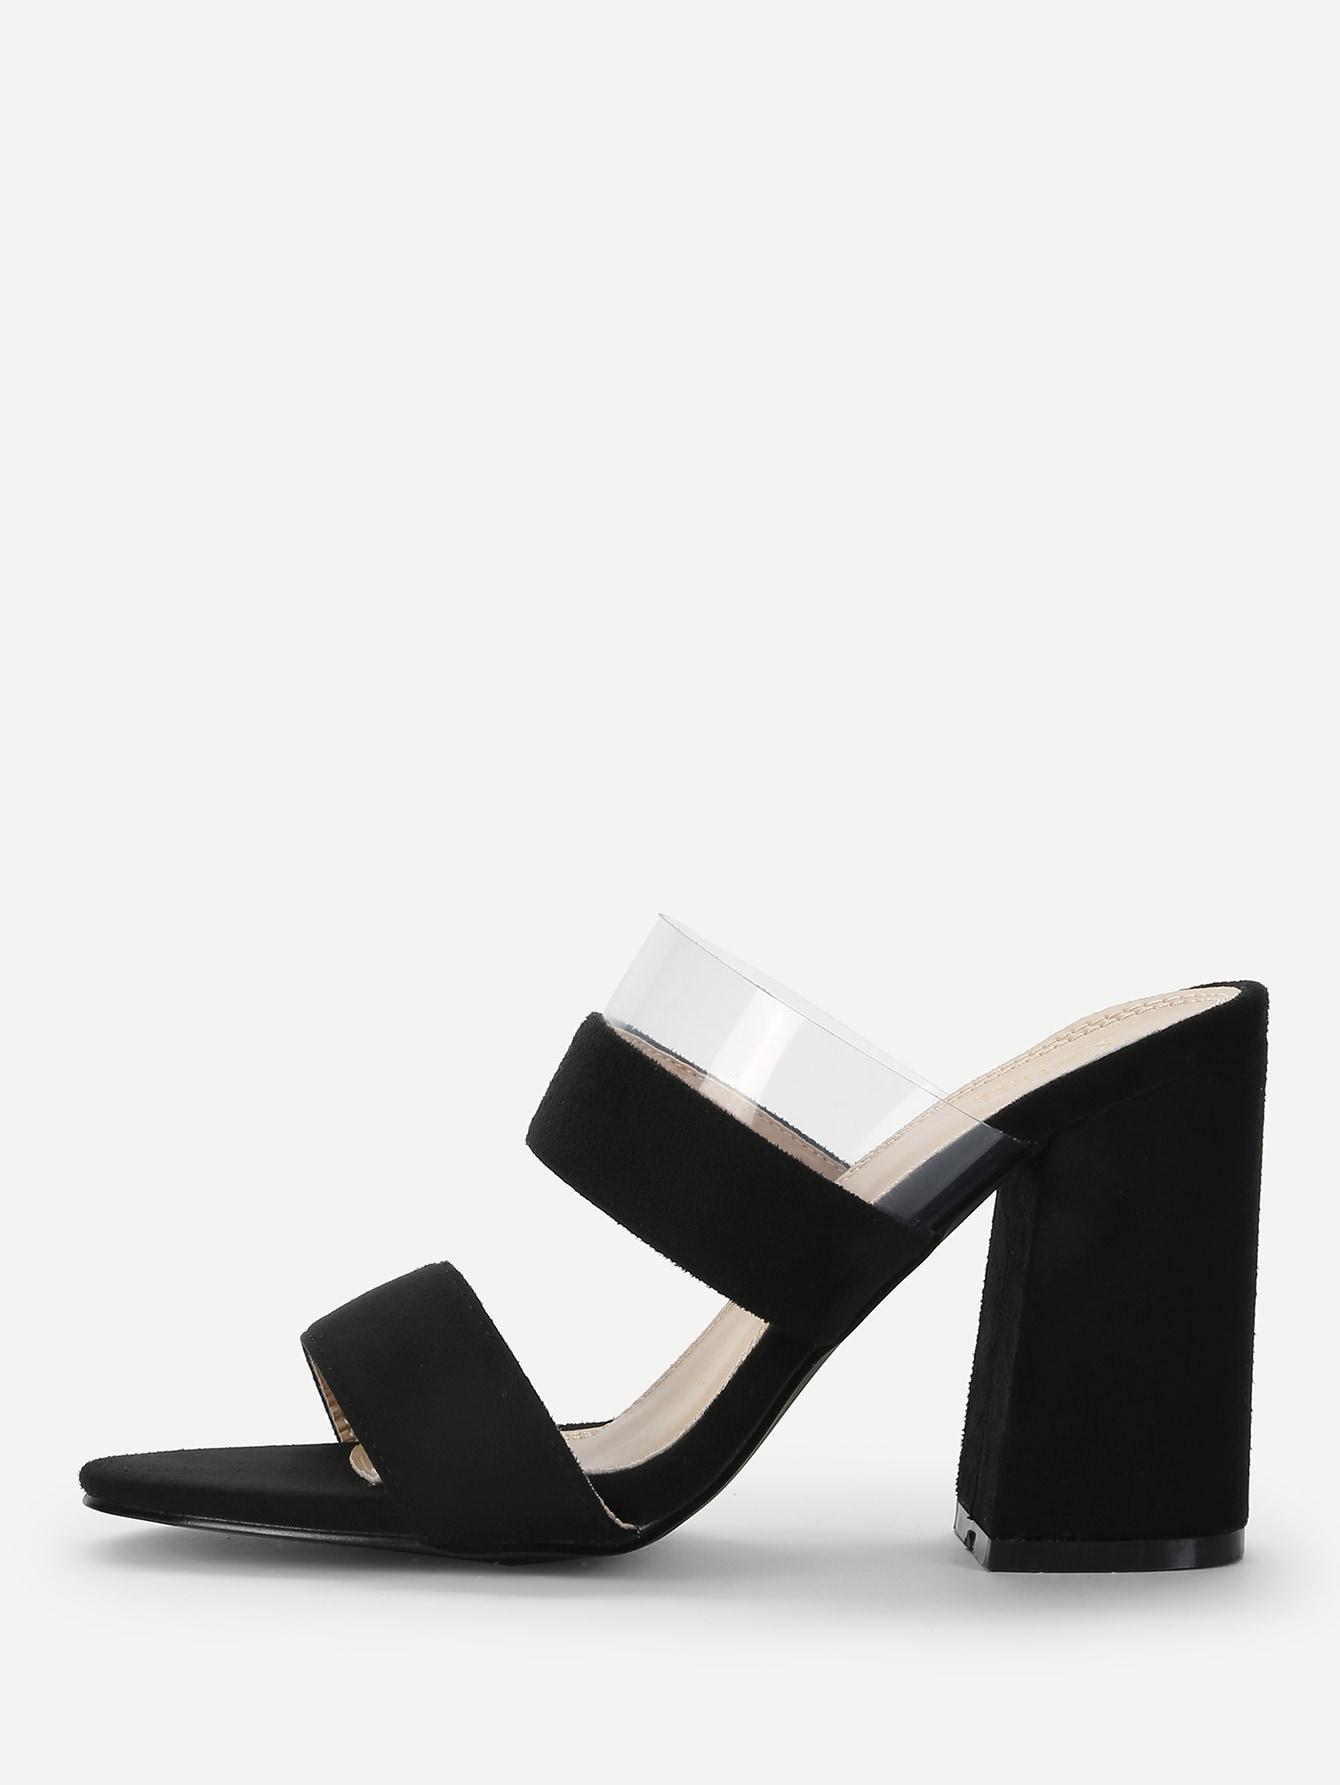 Купить Прозрачные туфли на высоких каблуках и с открытой пальцев ноги, null, SheIn